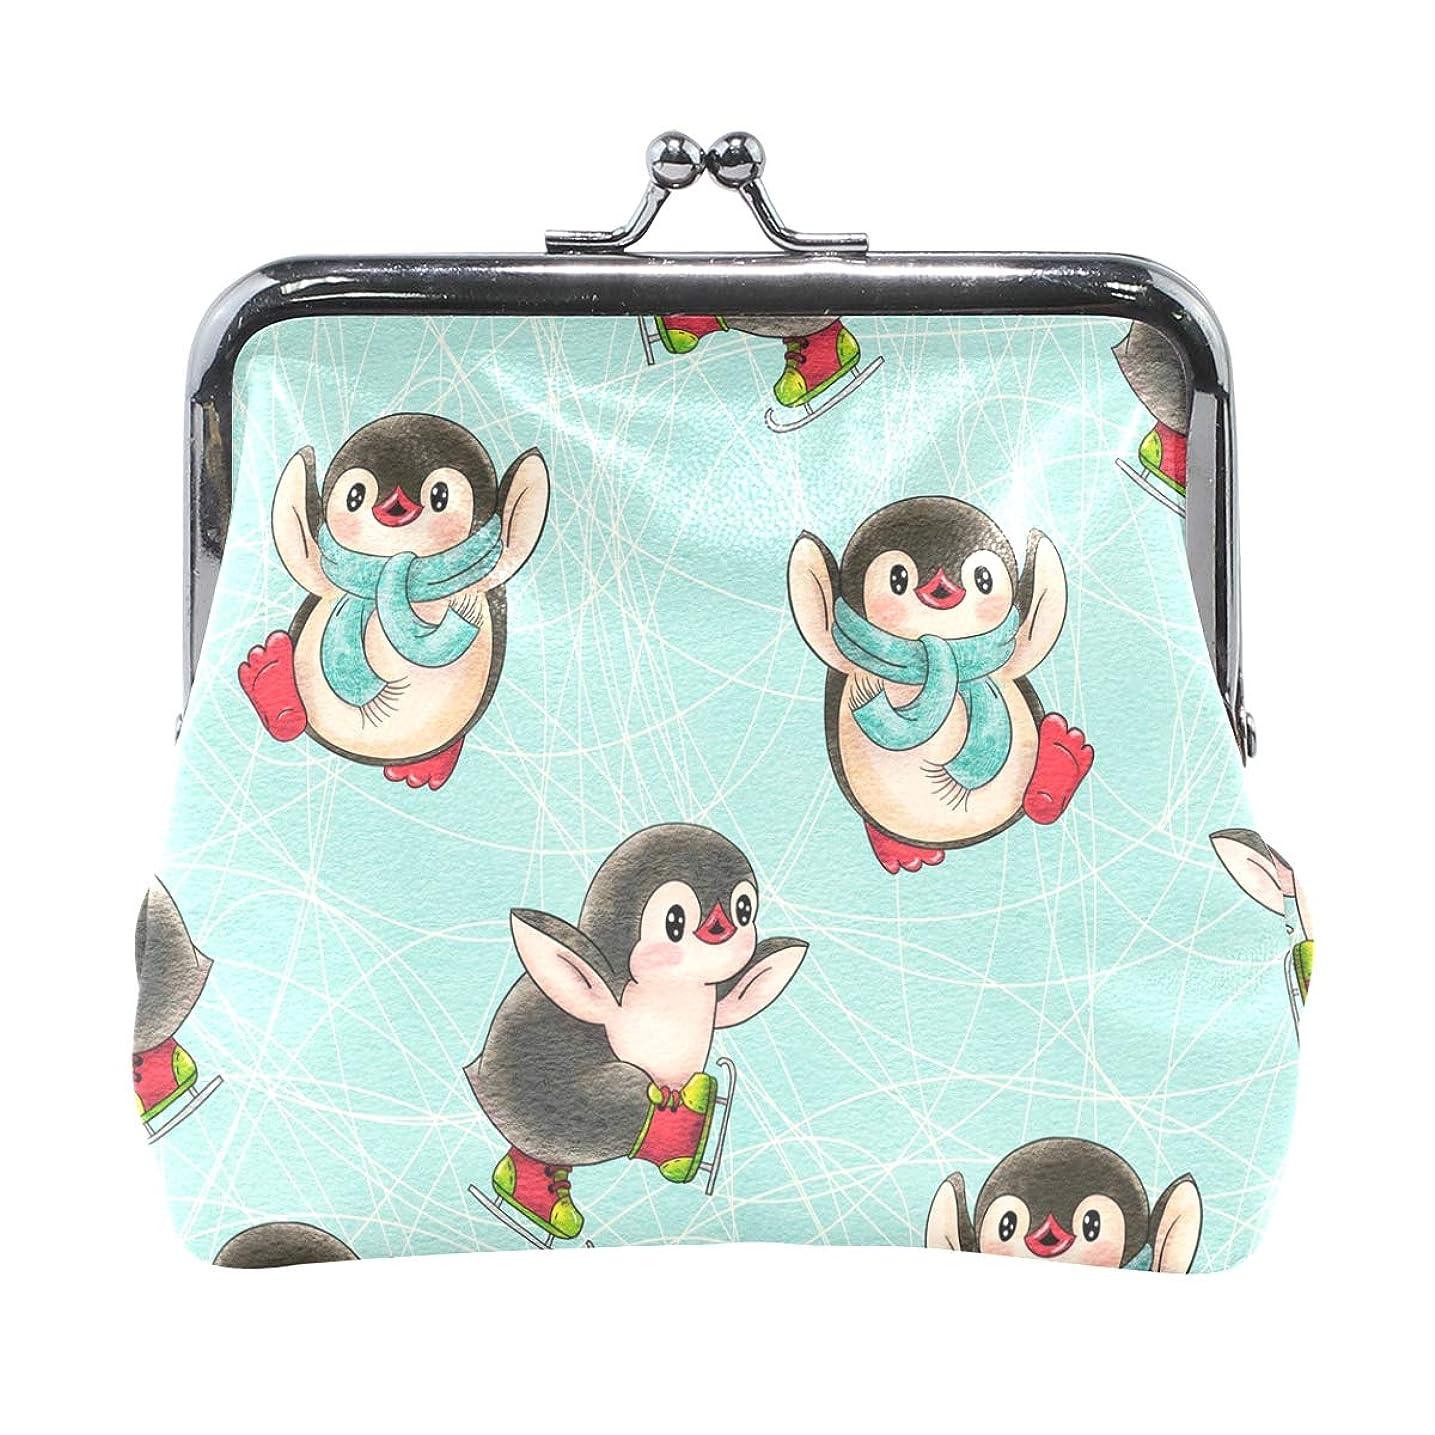 不規則性おなじみのビジョンがま口 財布 口金 小銭入れ ポーチ ペンギン 可愛い ANNSIN バッグ かわいい 高級レザー レディース プレゼント ほど良いサイズ